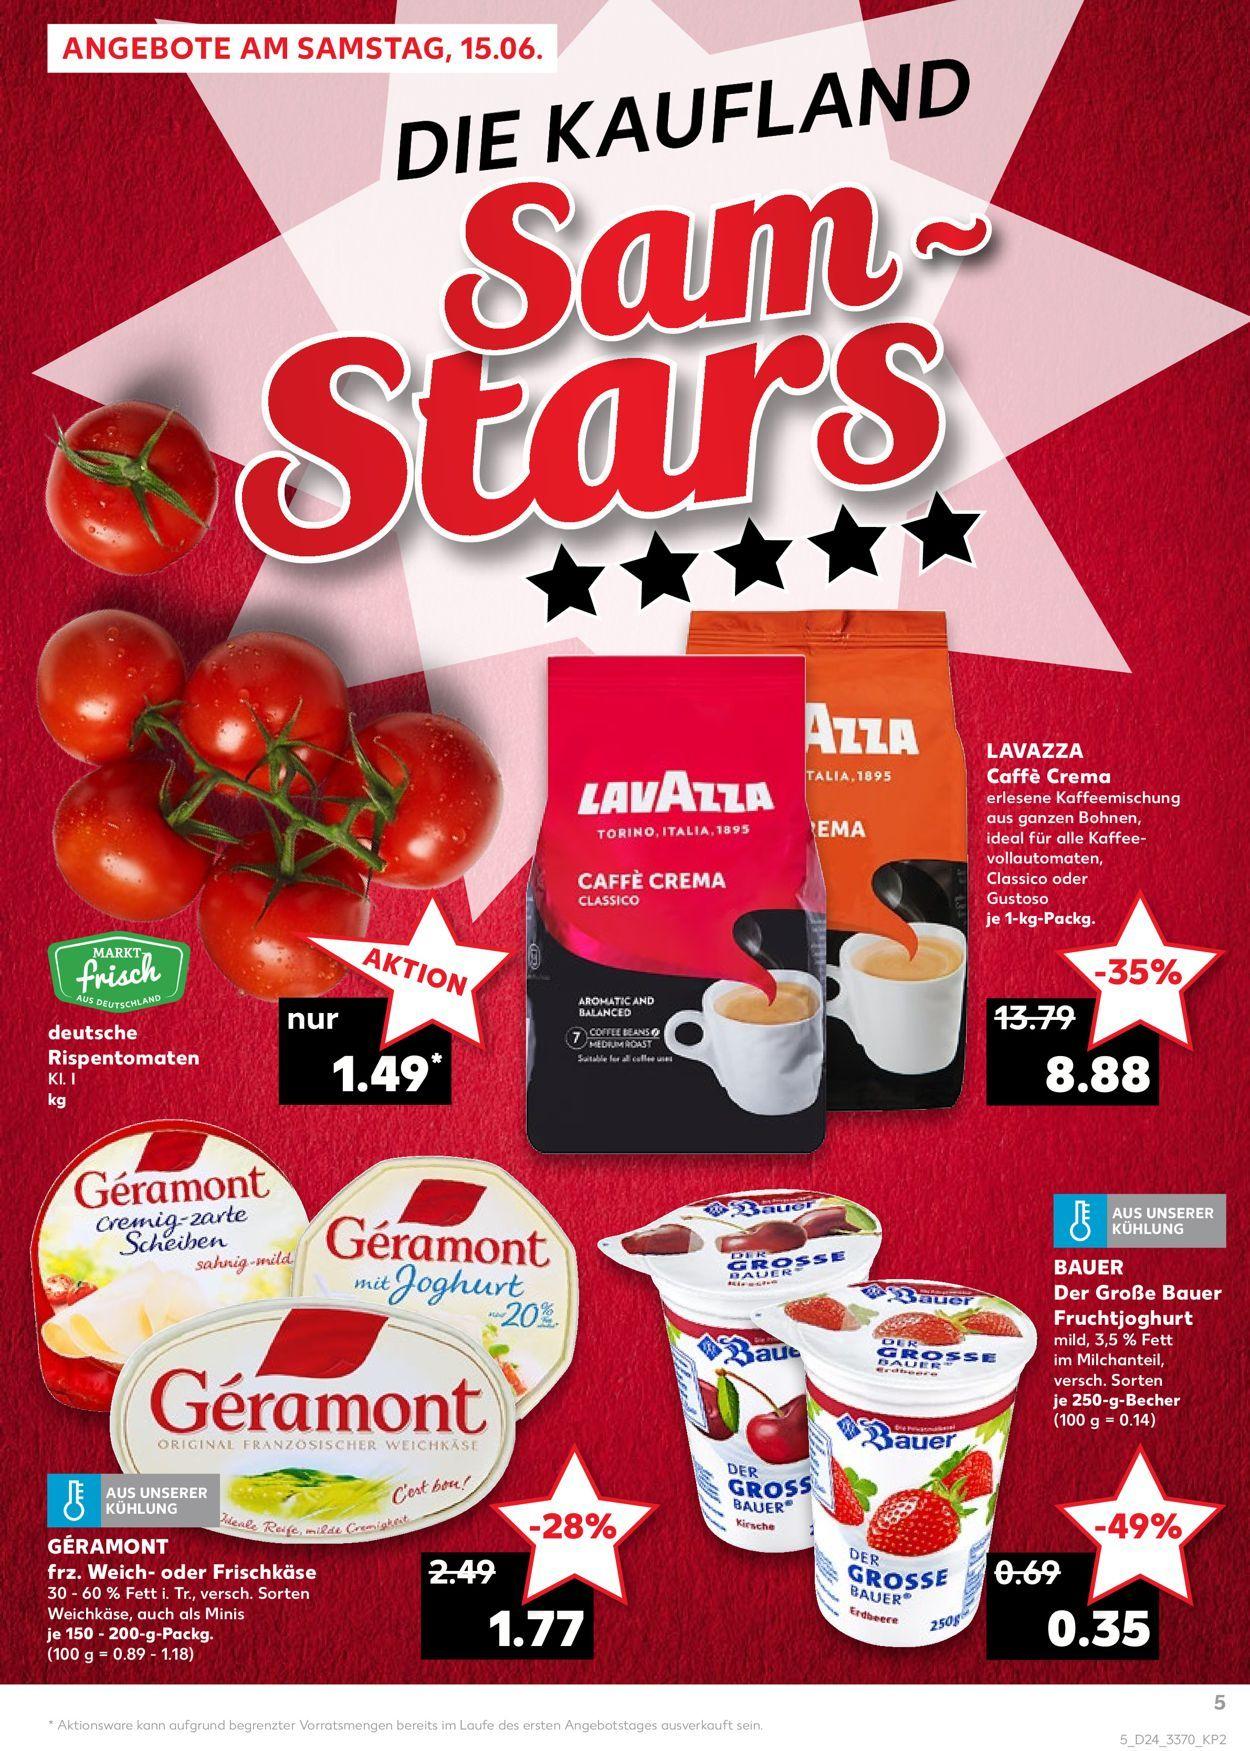 Lavazza Kaffee im Kaufland am 15.6 für 8.88€ & Original Wagner Steinofen-Pizza für 1.39€